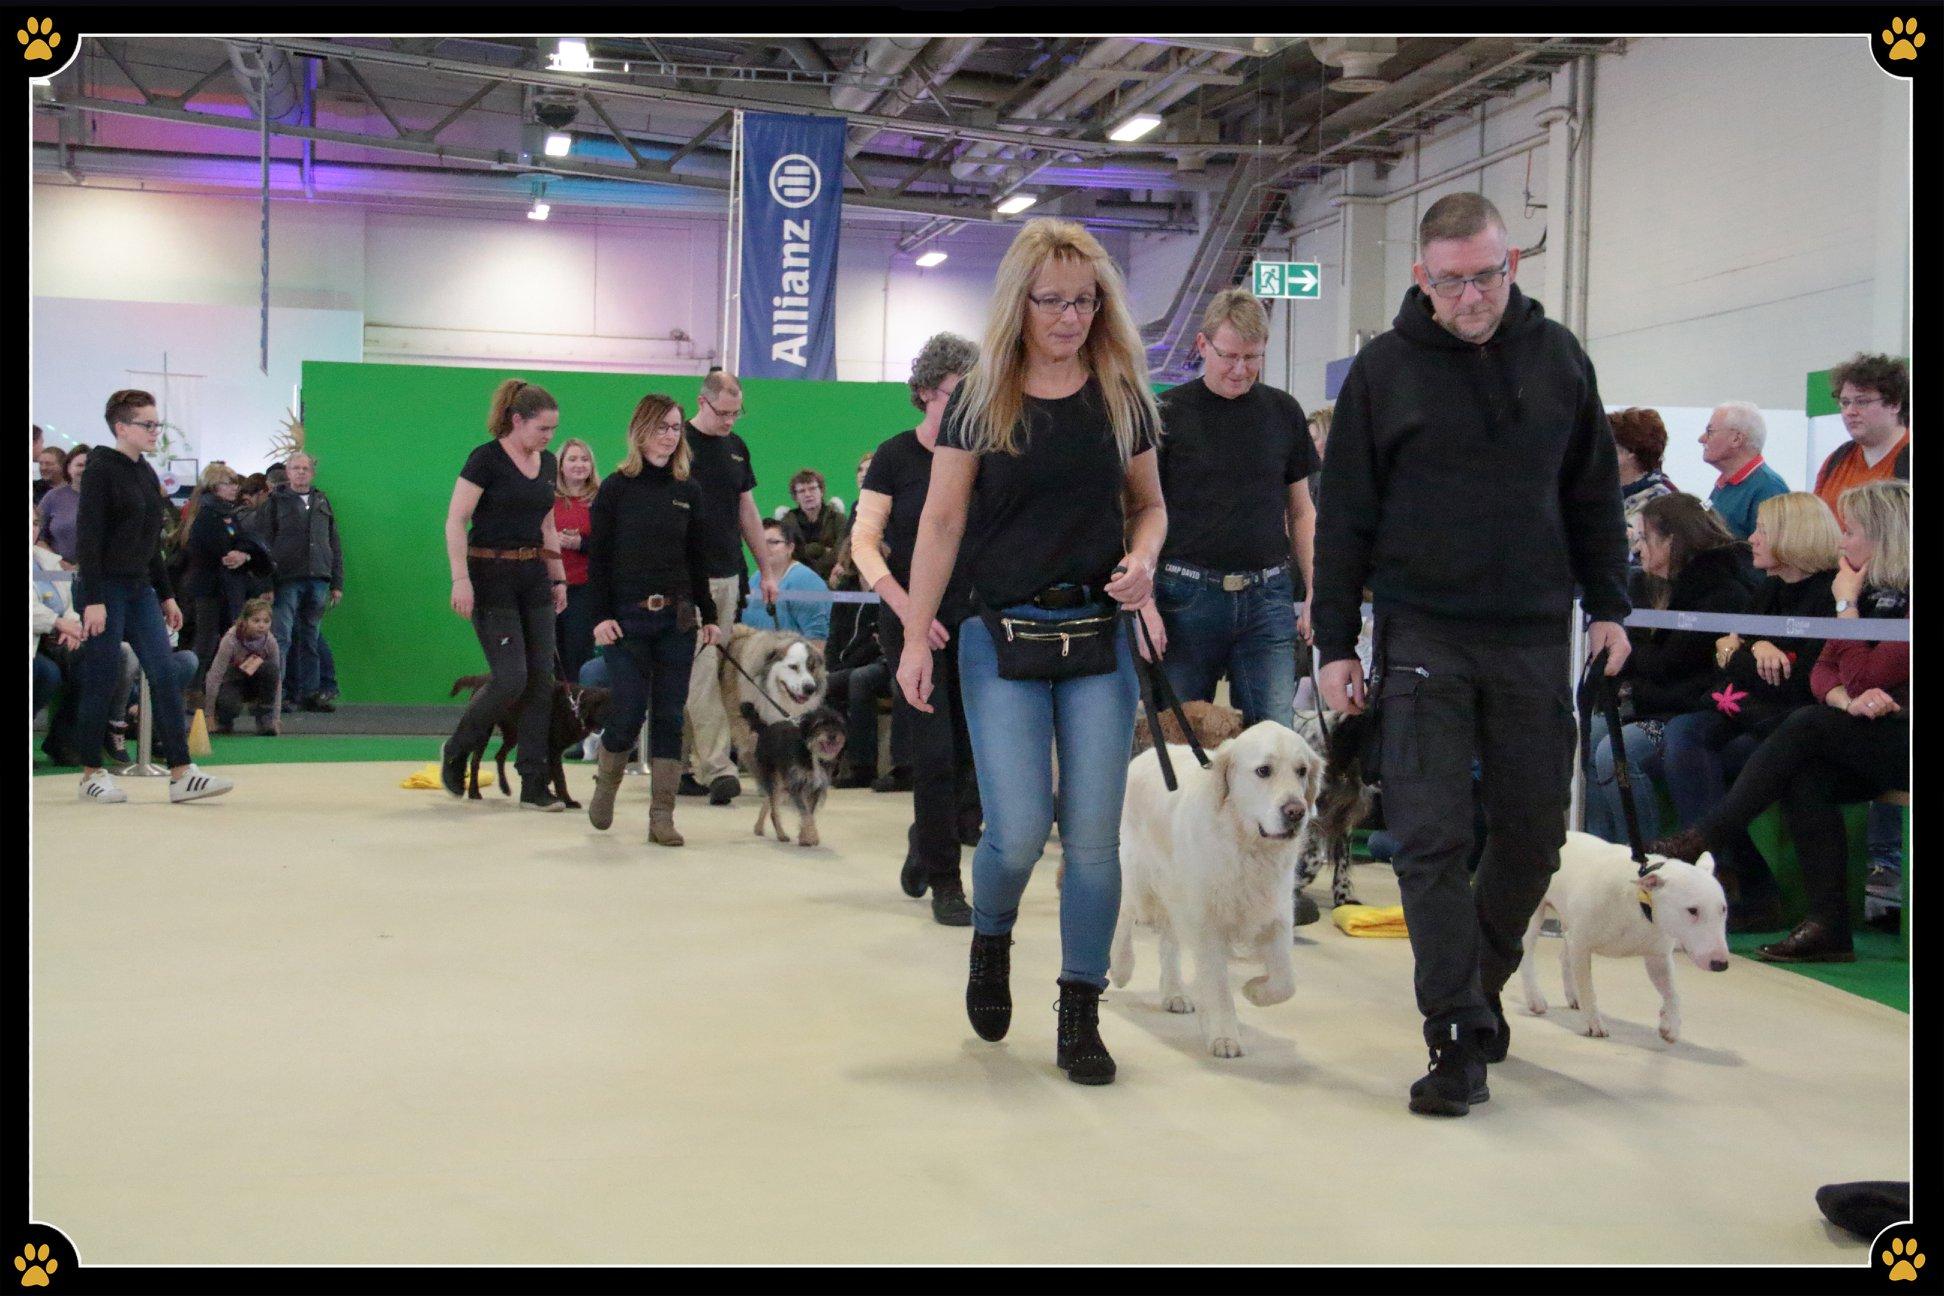 """""""Wenn Hund, dann richtig."""" - Auf der internationalen Grünen Woche Berlin zeigte JoBaDog dieses Wochenende, dass ein Hund auch hören kann, wenn andere Vierbeiner in der Nähe sind. 🐩Die Gruppenaufführung faszinierte die Zuschauer und gab einen Einblick in den Alltag mit einem gut erzogenen Vierbeiner. Die stolzen Hund-Mensch-Teams zeigten unter anderem das Fuß-Laufen, das Sitzen oder Liegen lassen des Hundes und die benötigte Menge an Konzentration die es braucht, damit der Vierbeiner nicht der Bratwurst aus dem Publikum hinterherläuft. 😜Haben Sie unsere Hundeshow verpasst? Kein Problem! 🐶Am Samstag, dem 26.01.2019, tritt JoBaDog, von 13:30 – 14:30 Uhr in der Heimtierhalle 26b, noch ein weiteres Mal auf und zeigt den Richtigen Umgang mit dem Vierbeiner – denn """"Wenn Hund, dann richtig."""". 🐾"""